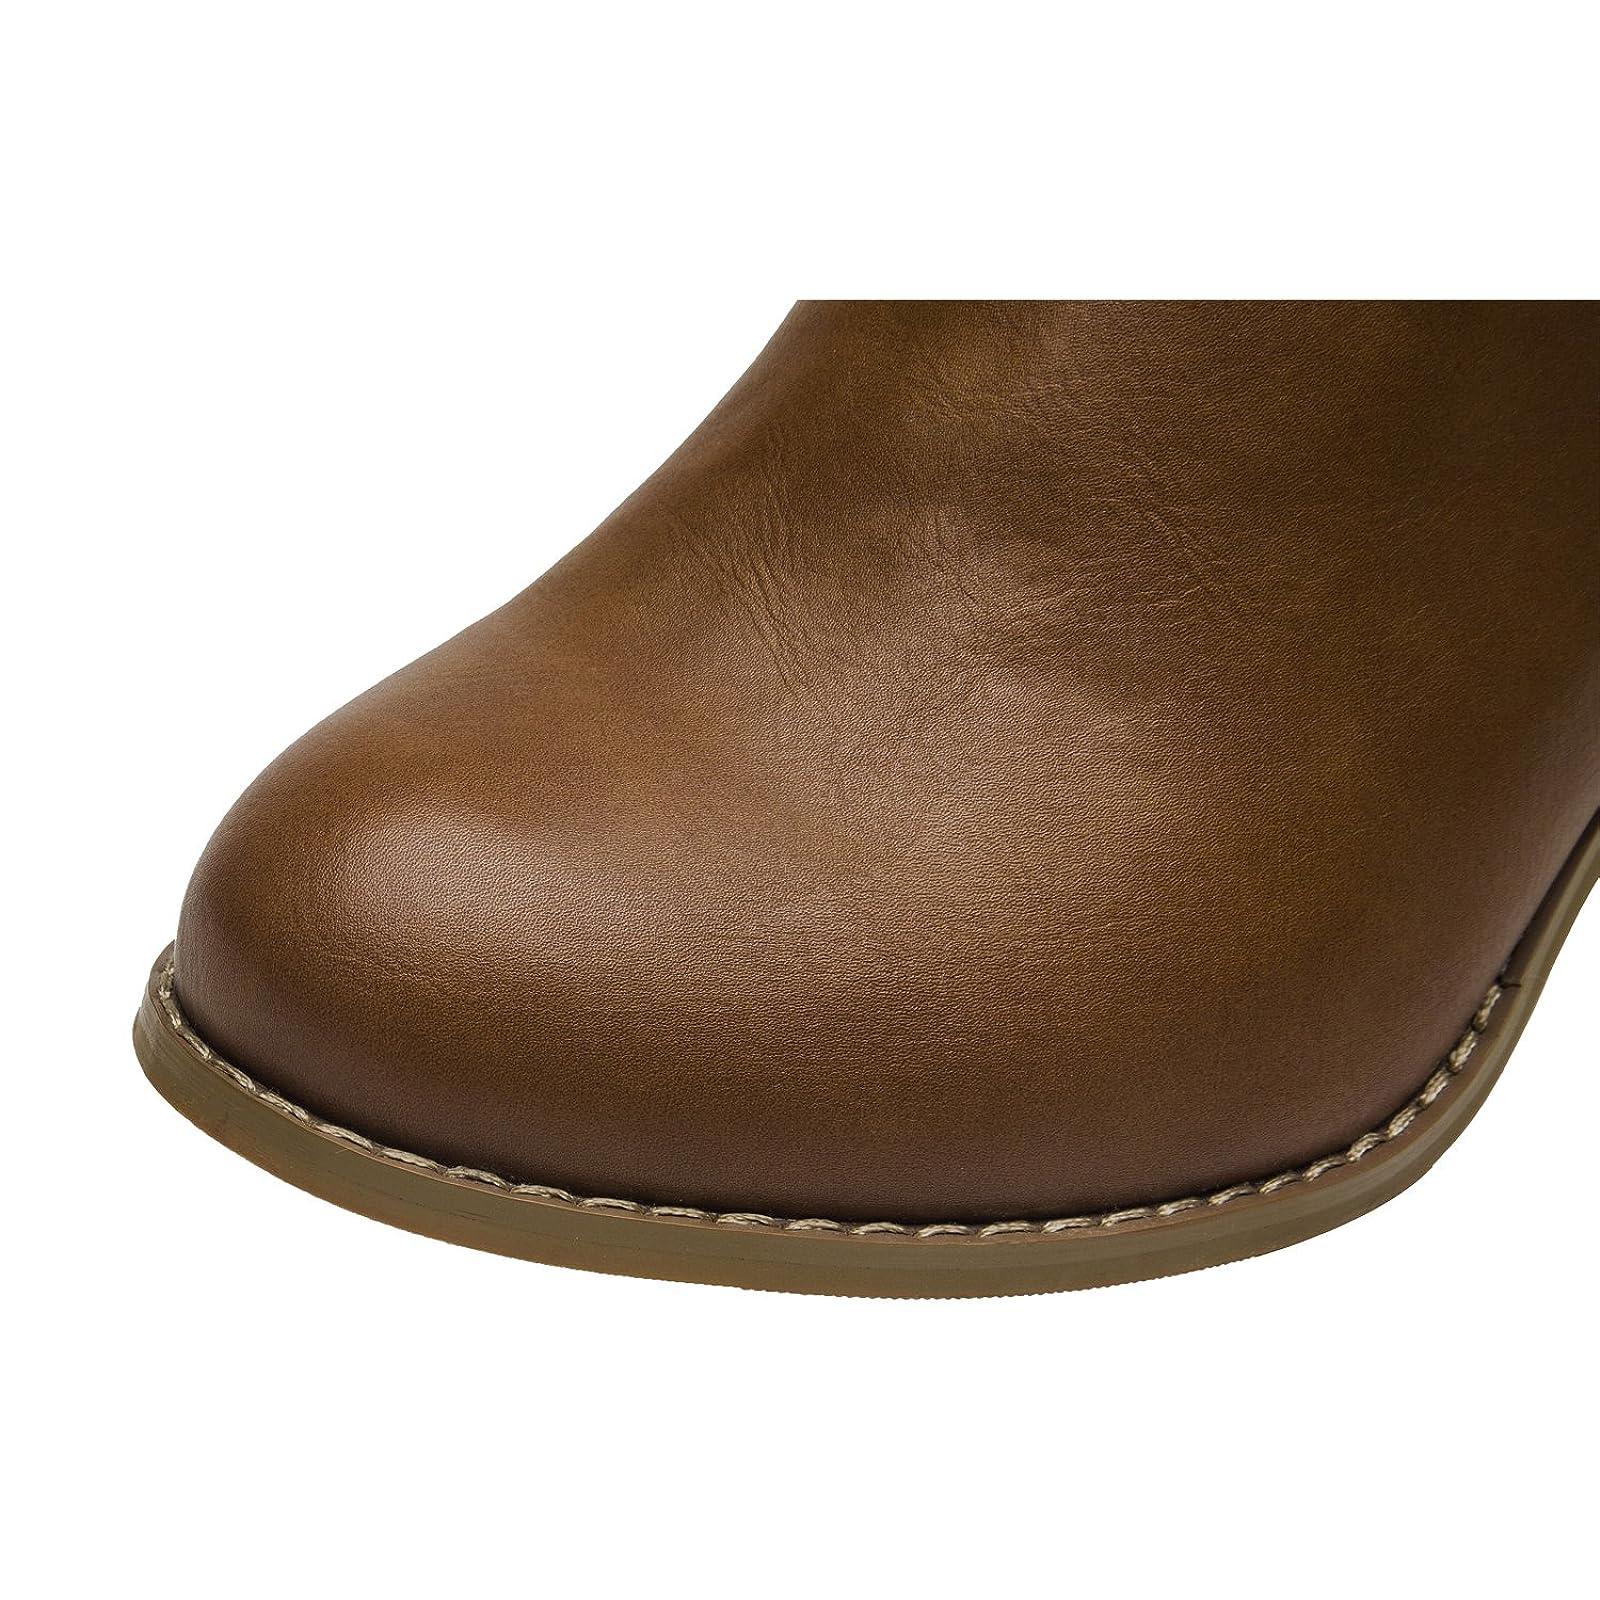 Luoika Plus Size Wide Width Ankle BootsWomen - 4